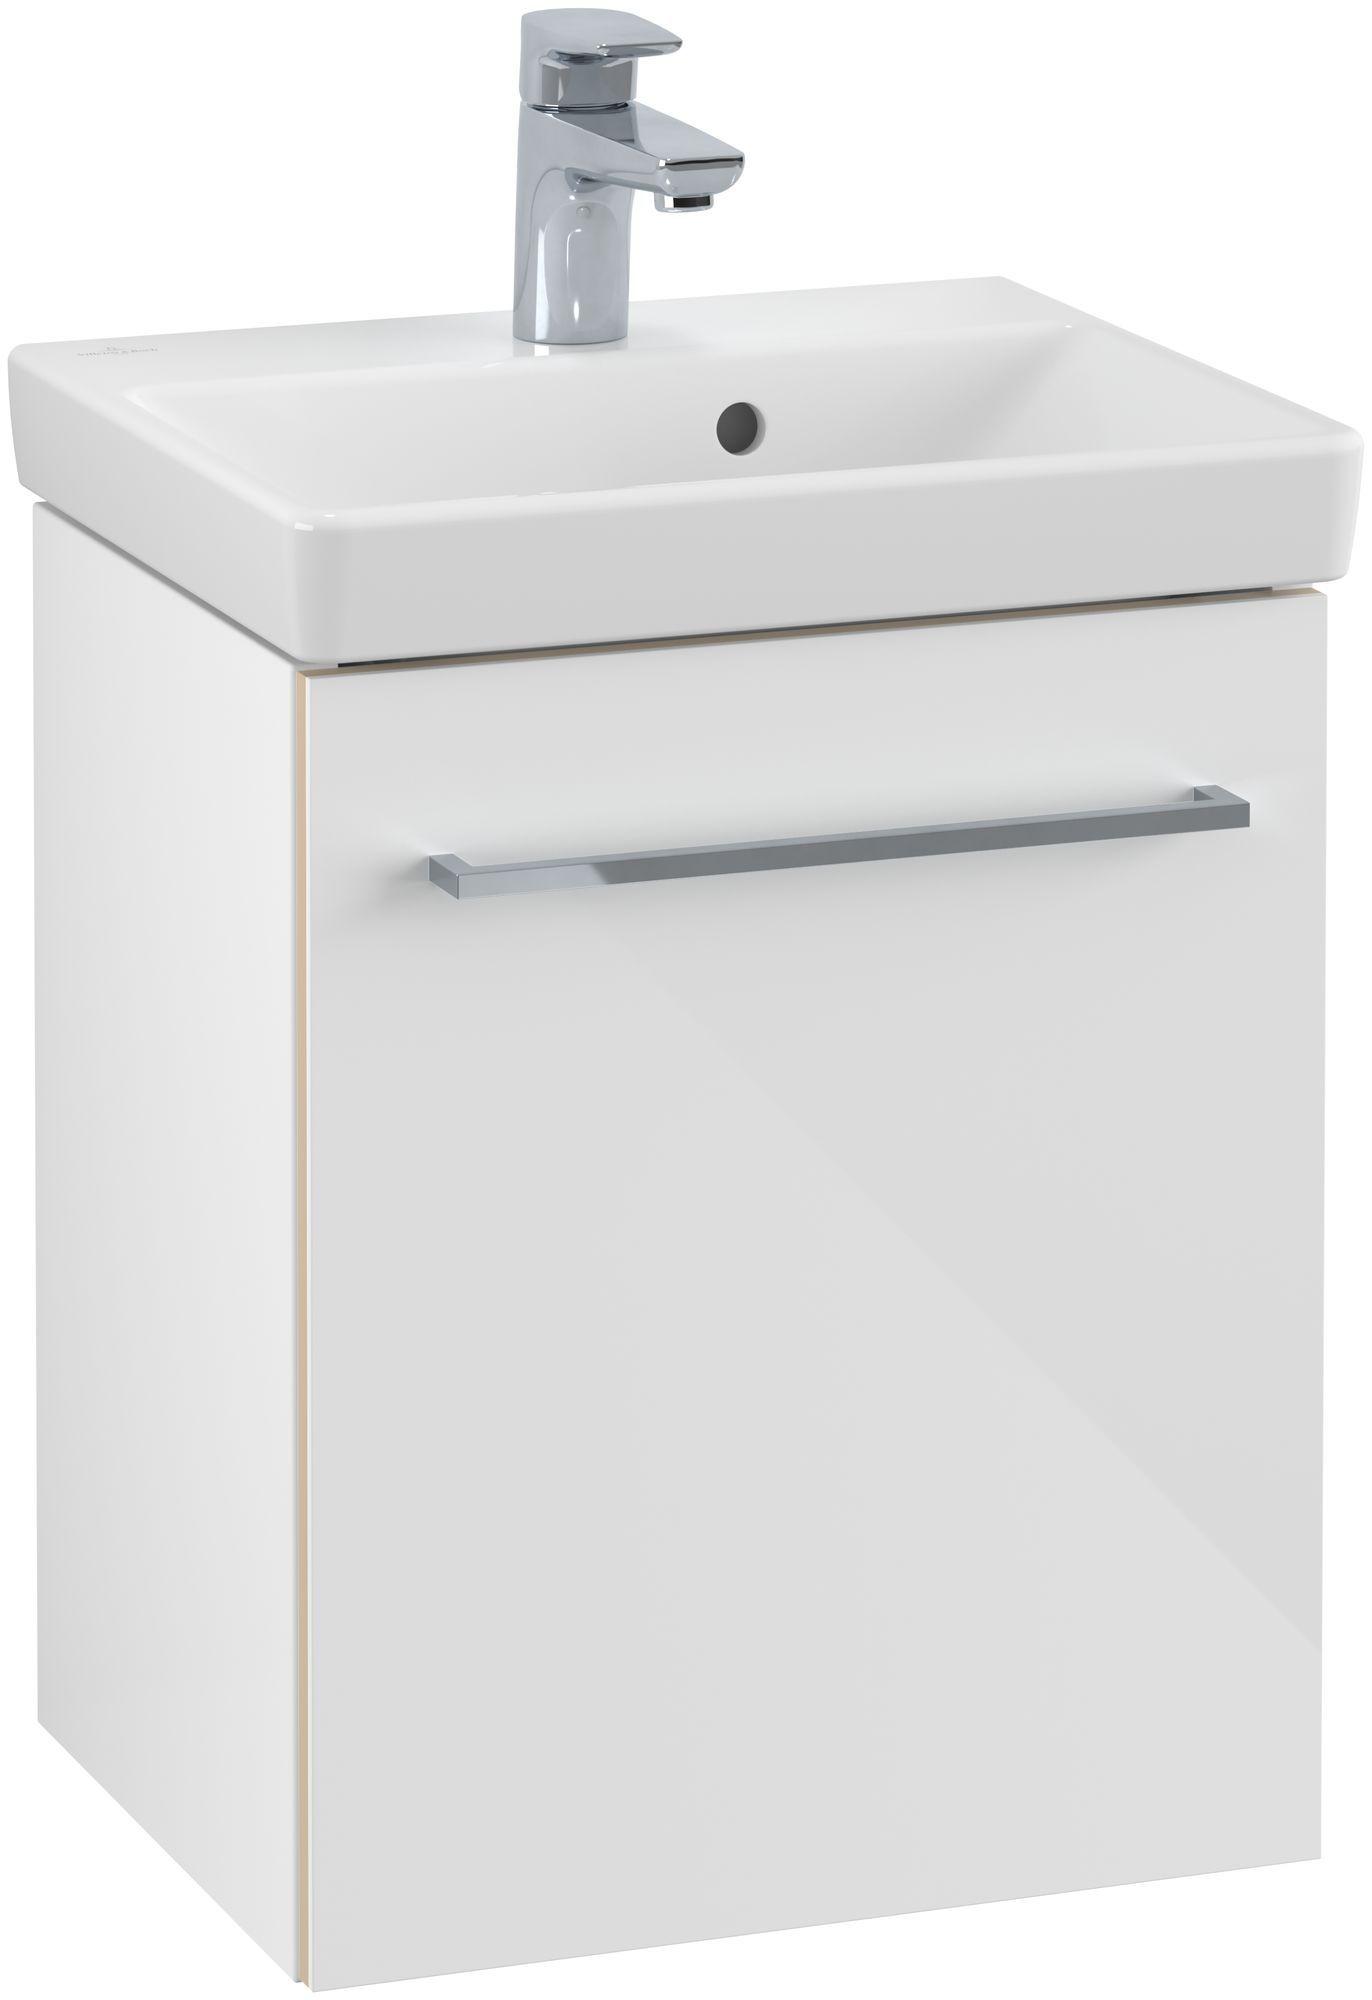 Villeroy & Boch Avento Waschtischunterschrank mit 1 Tür Türanschlag rechts B:41,7xH:52xT:34,6 cm crystal white A88701B4